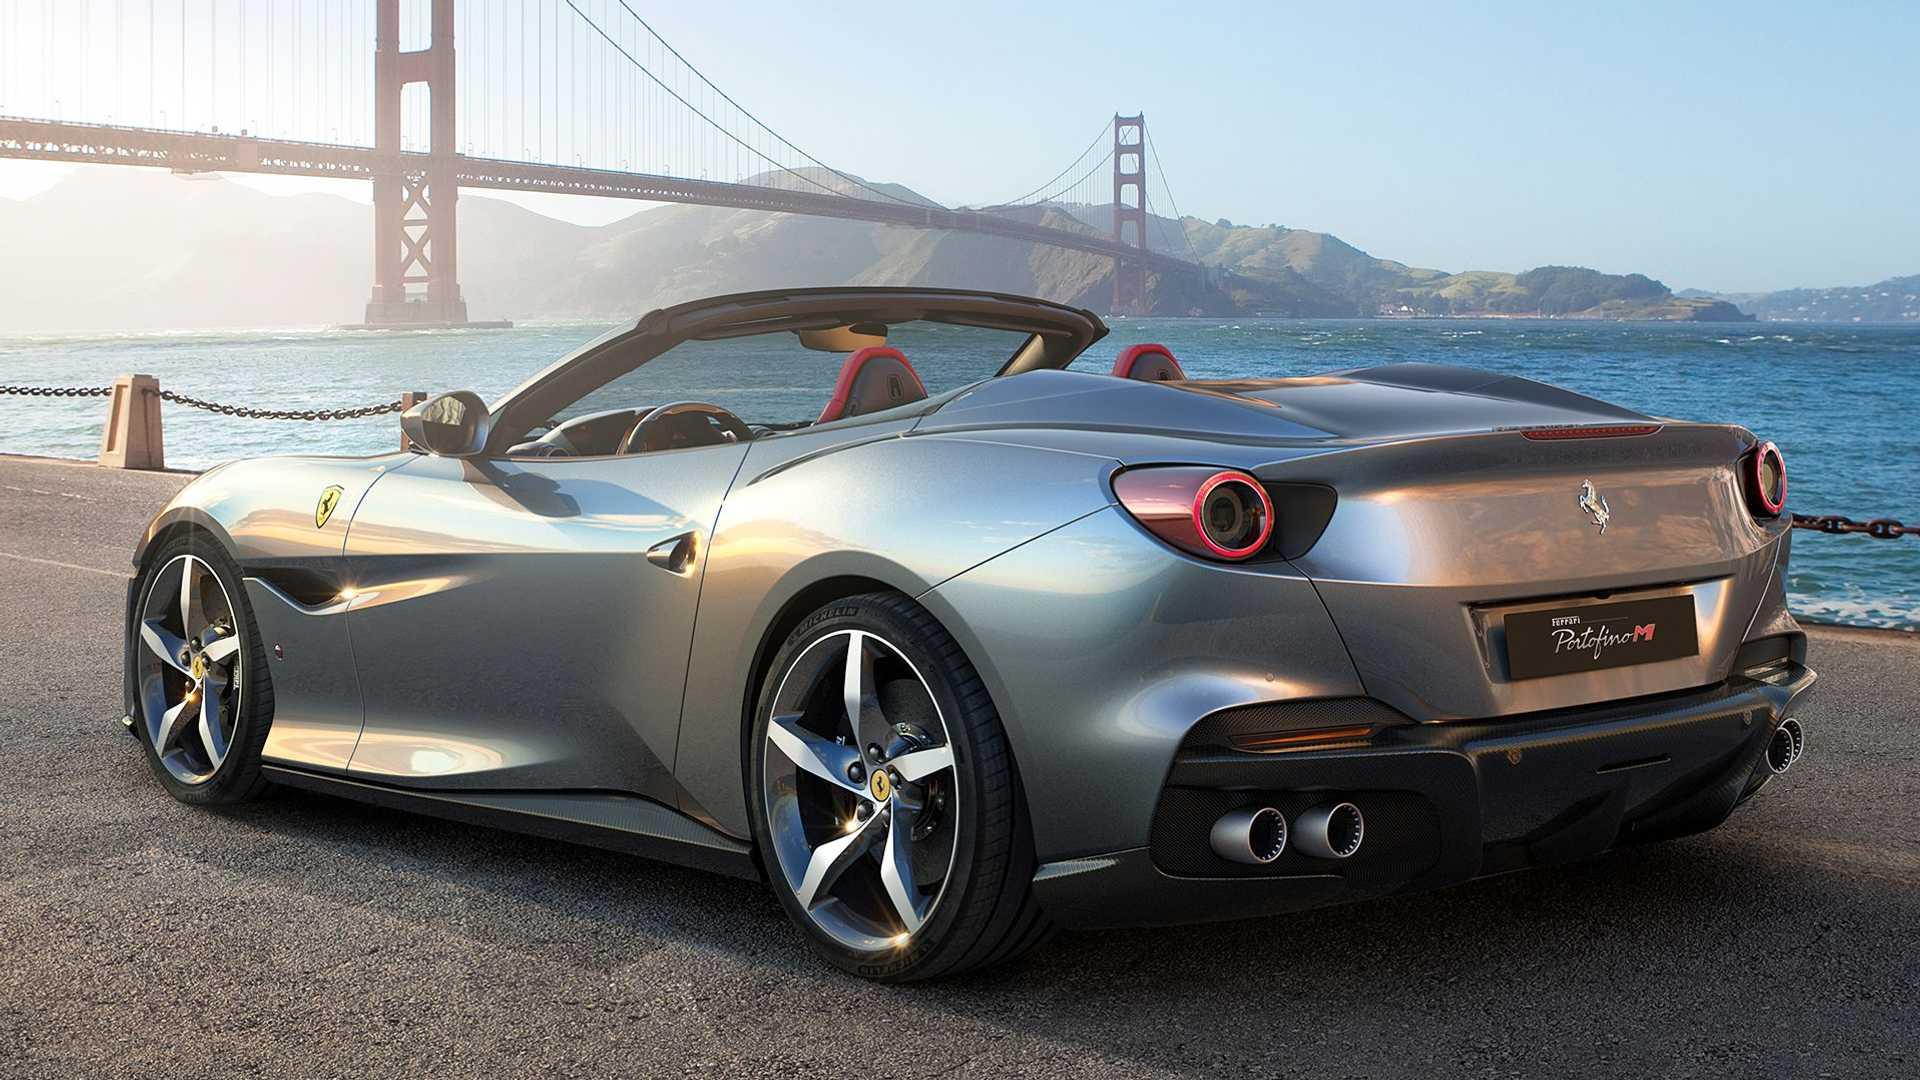 Ferrari Portofino M AutoinfoOnline (11)